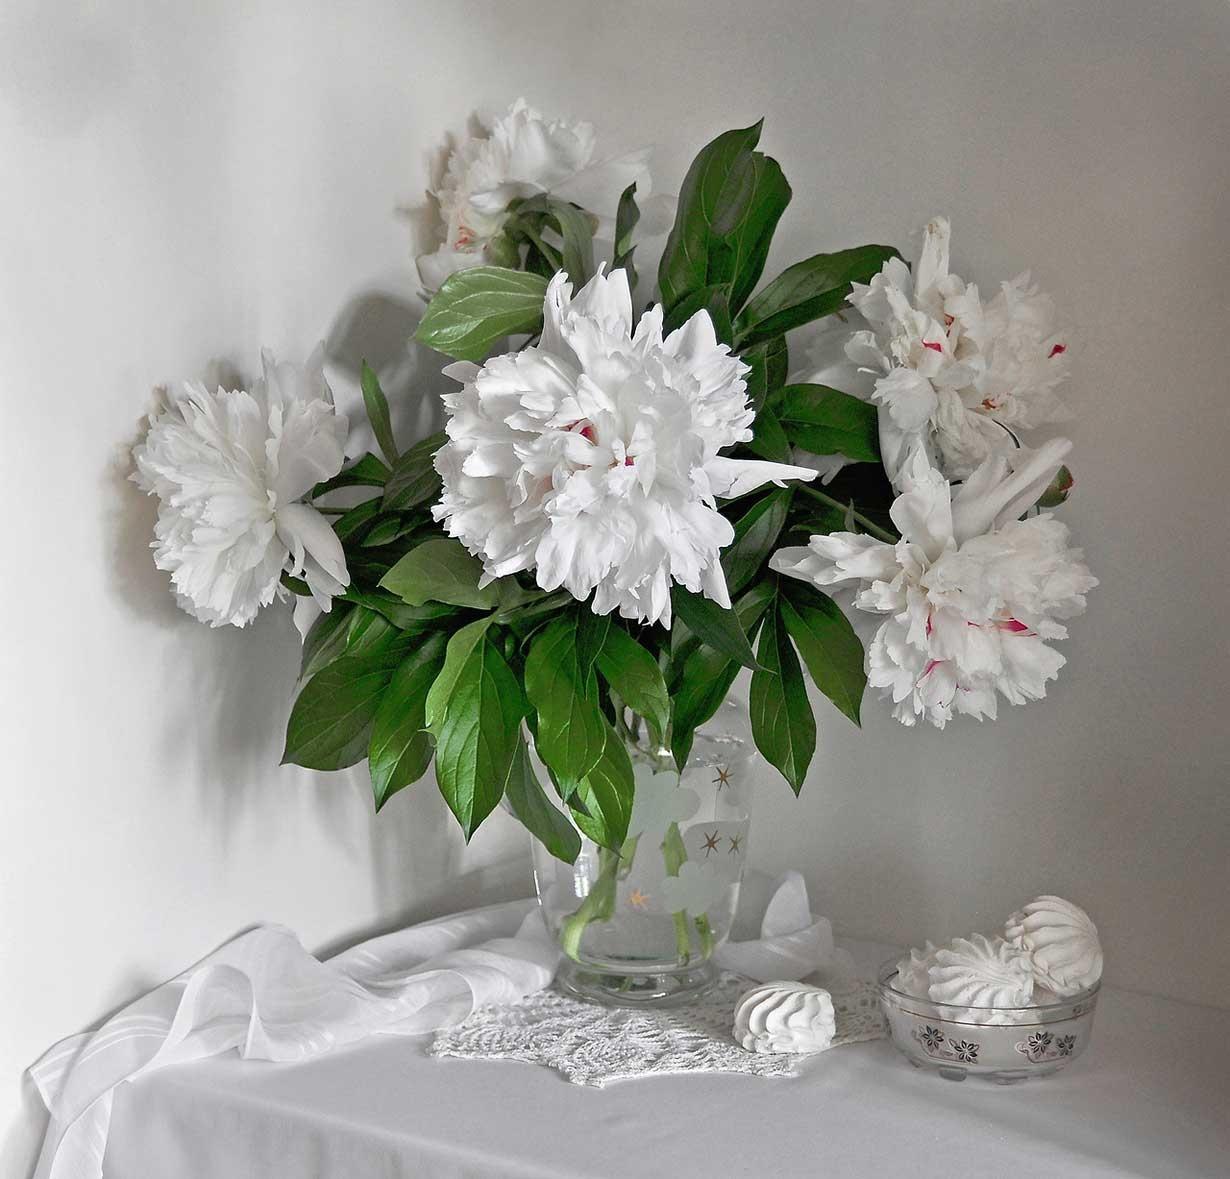 فرودگاه ایلام تصاویری از گل و گلدان های فوق العاده زیبا؛ ایده ای برای ...